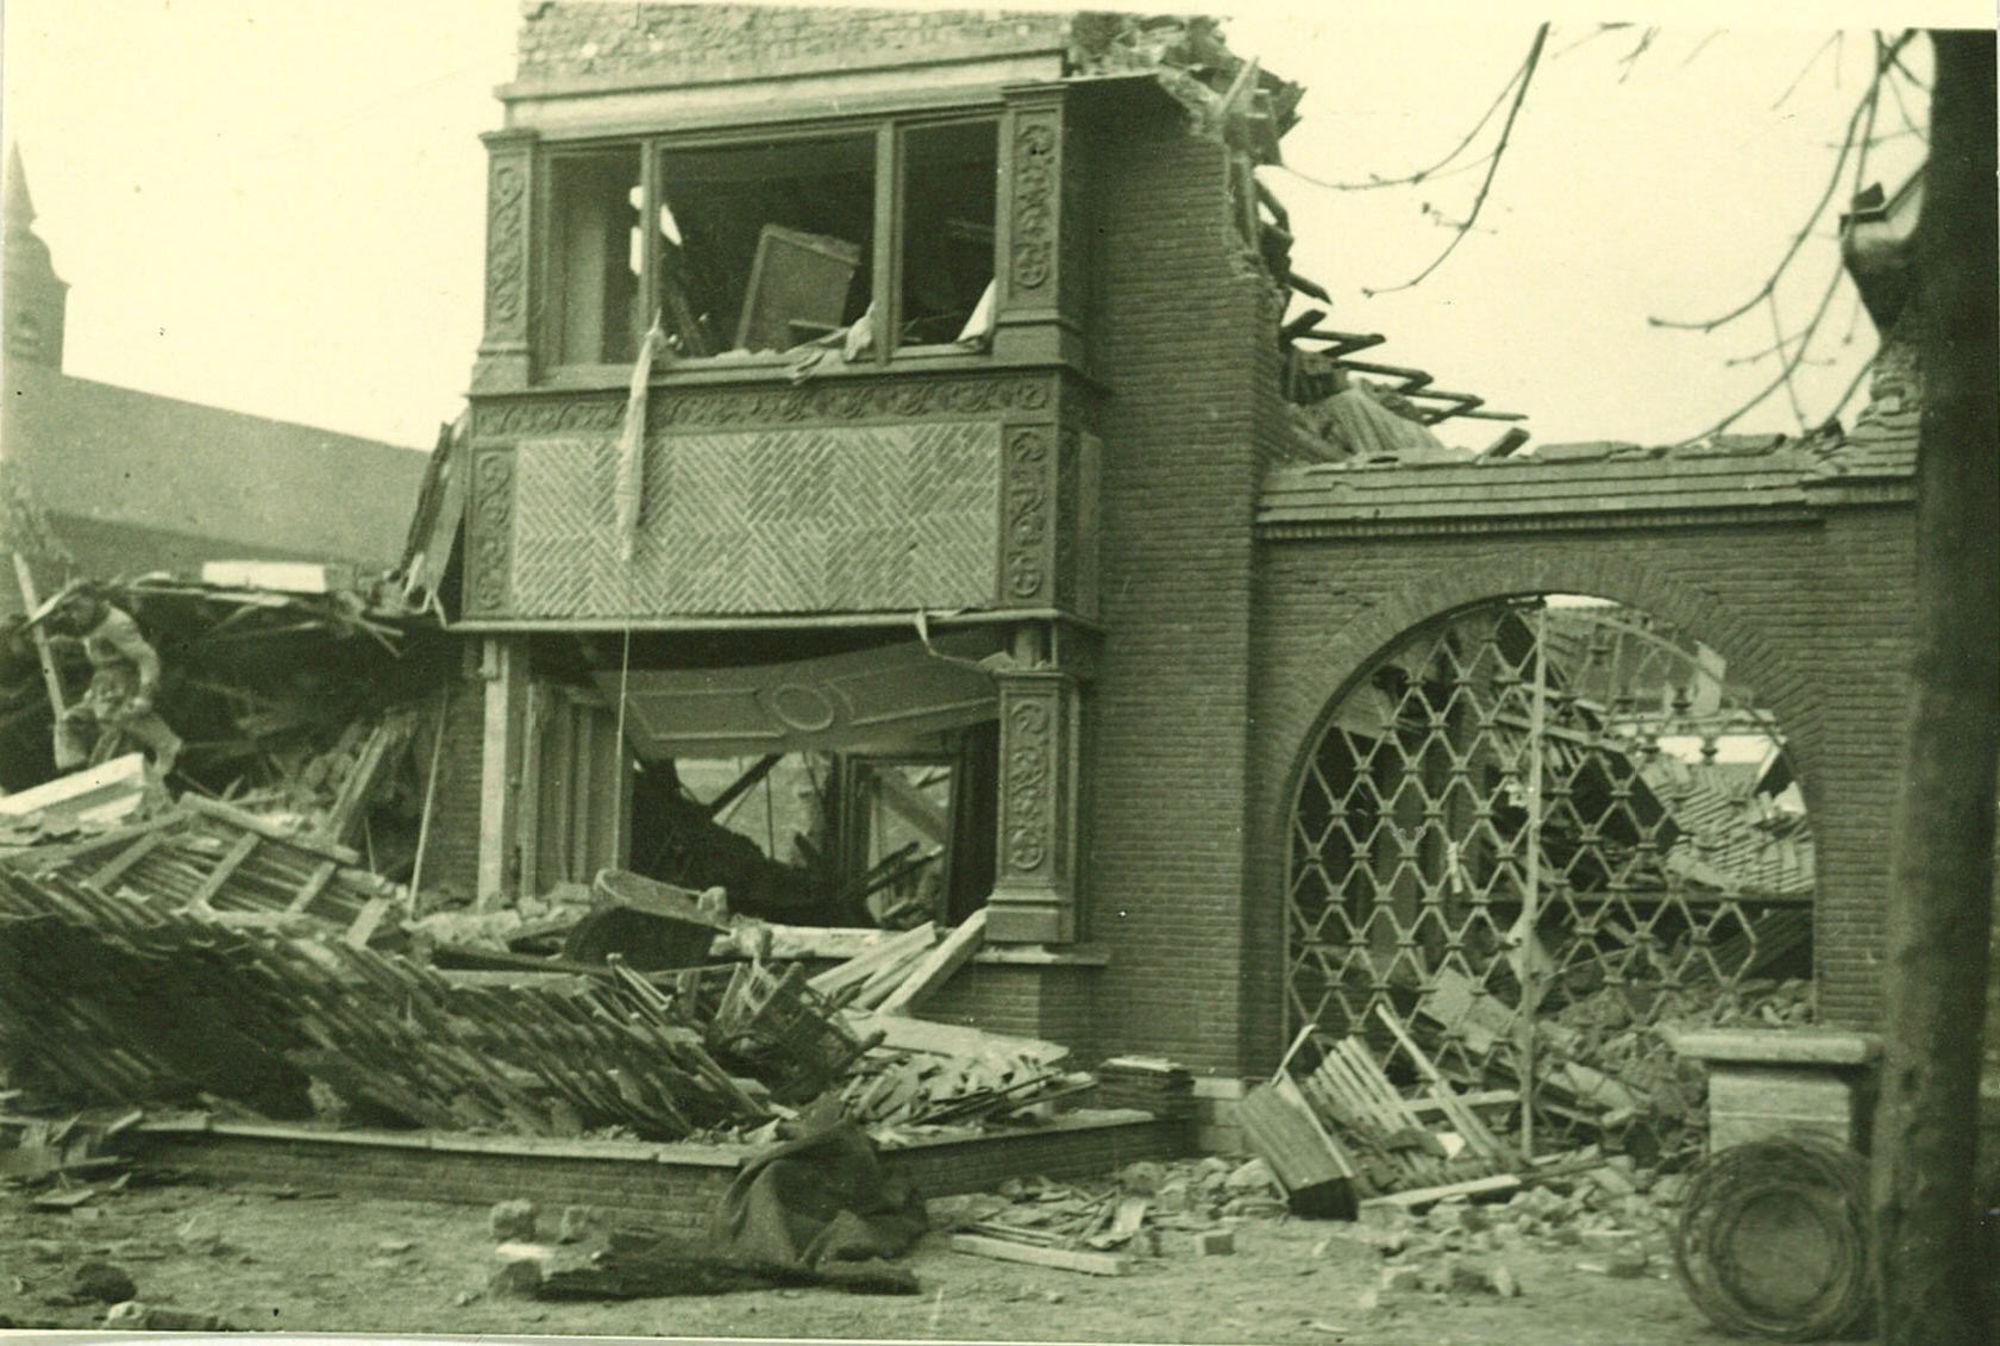 Puinen van het huis van bloemist Van Helleput naast de Sint-Jozefkerk na de bombardementen in 1944.